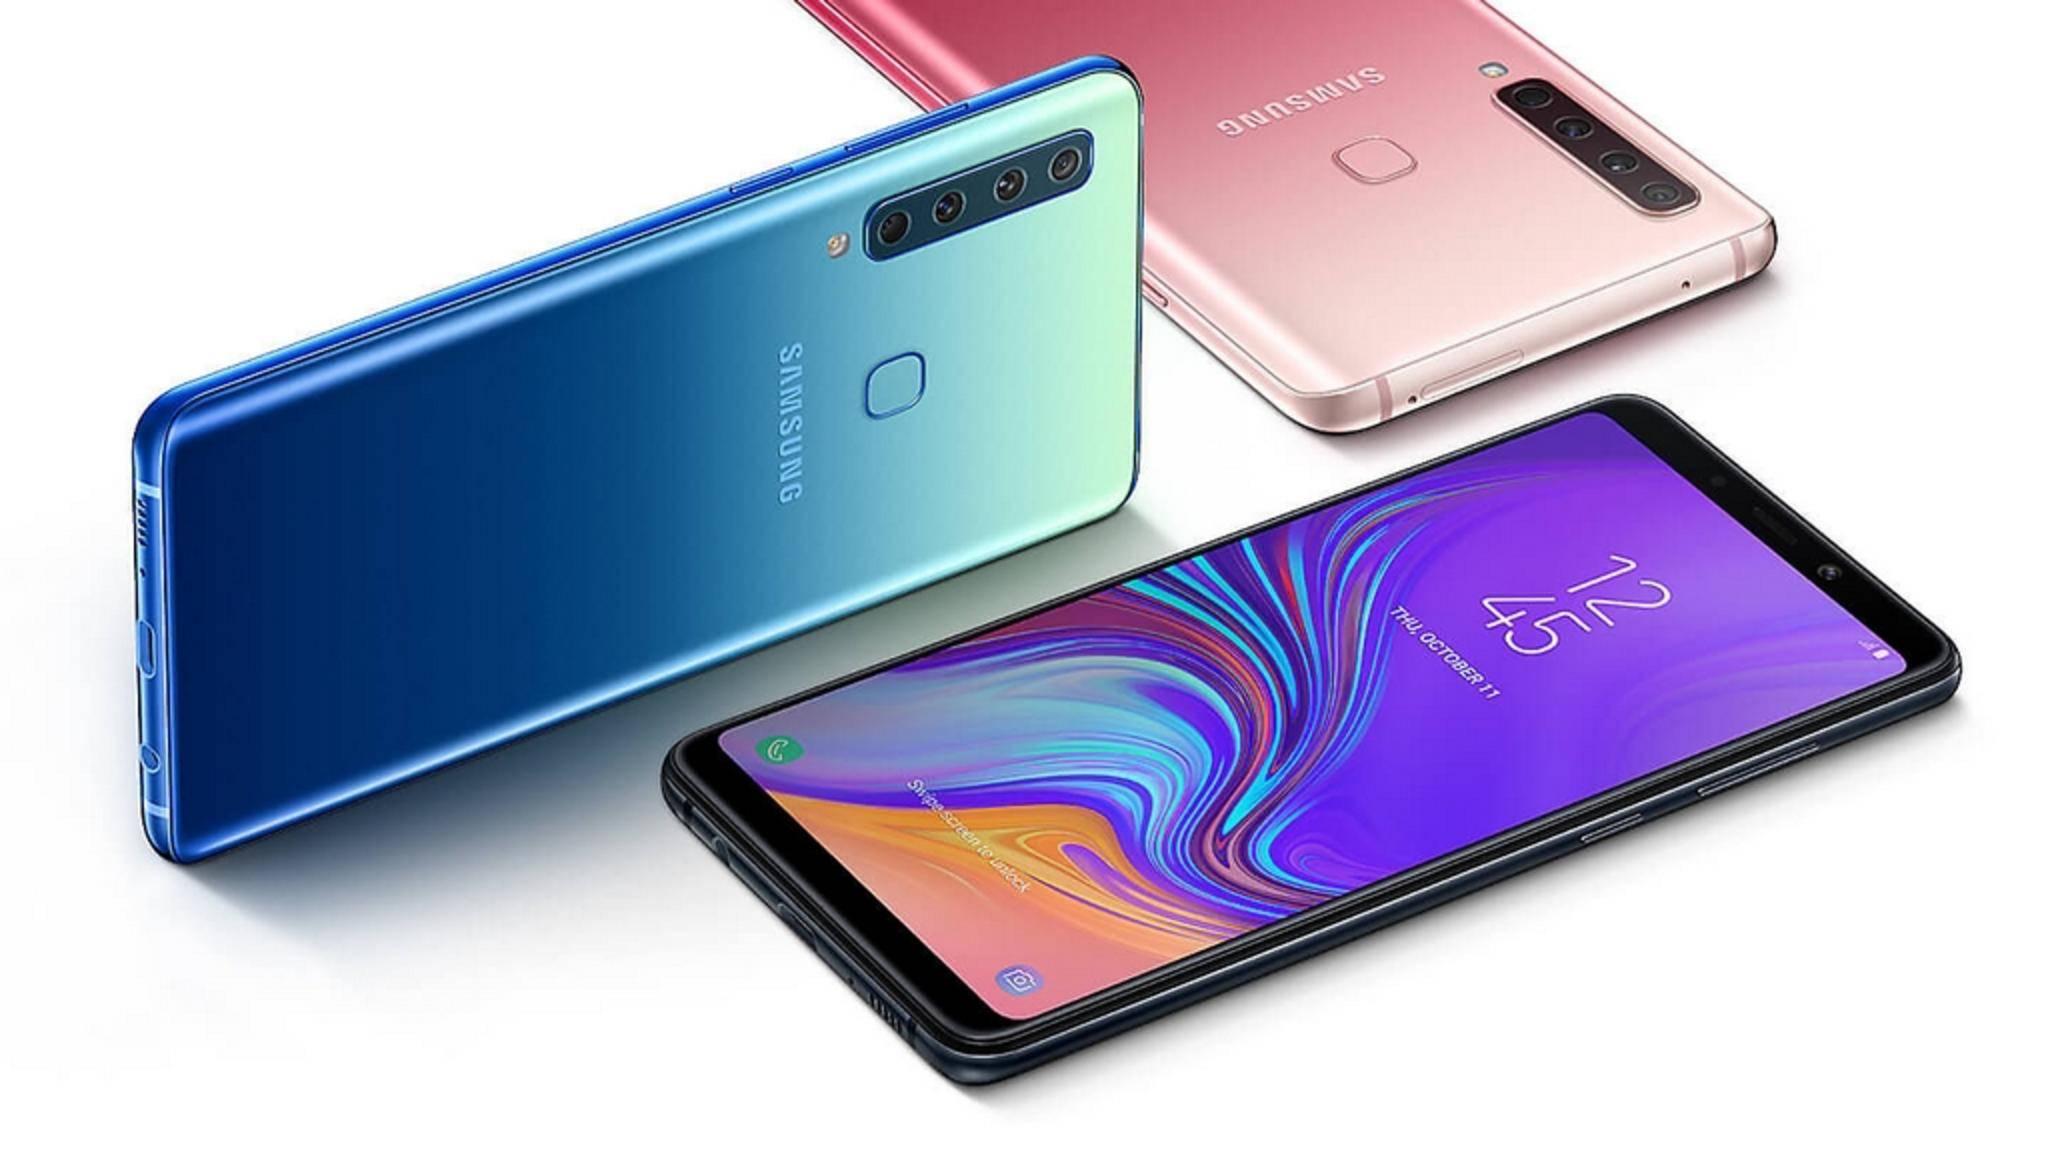 Das Samsung Galaxy A9 kommt mit vier Kameras.